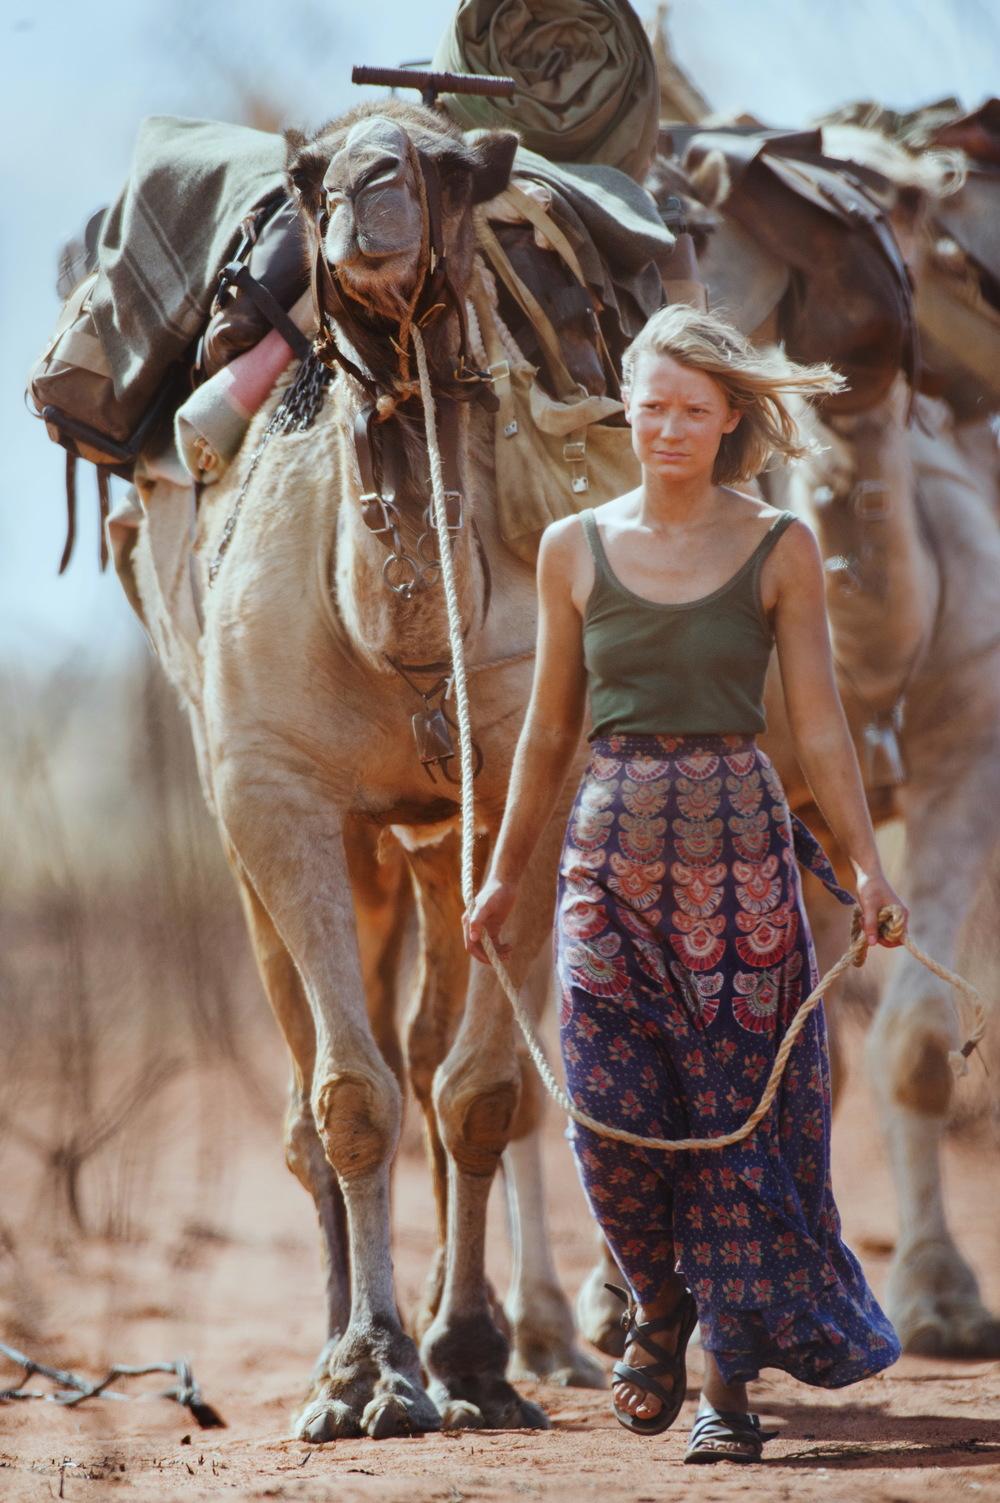 Robyn (Mia Wasikowska) leads her camels.   ©   Matt Nettheim/See-Saw Films